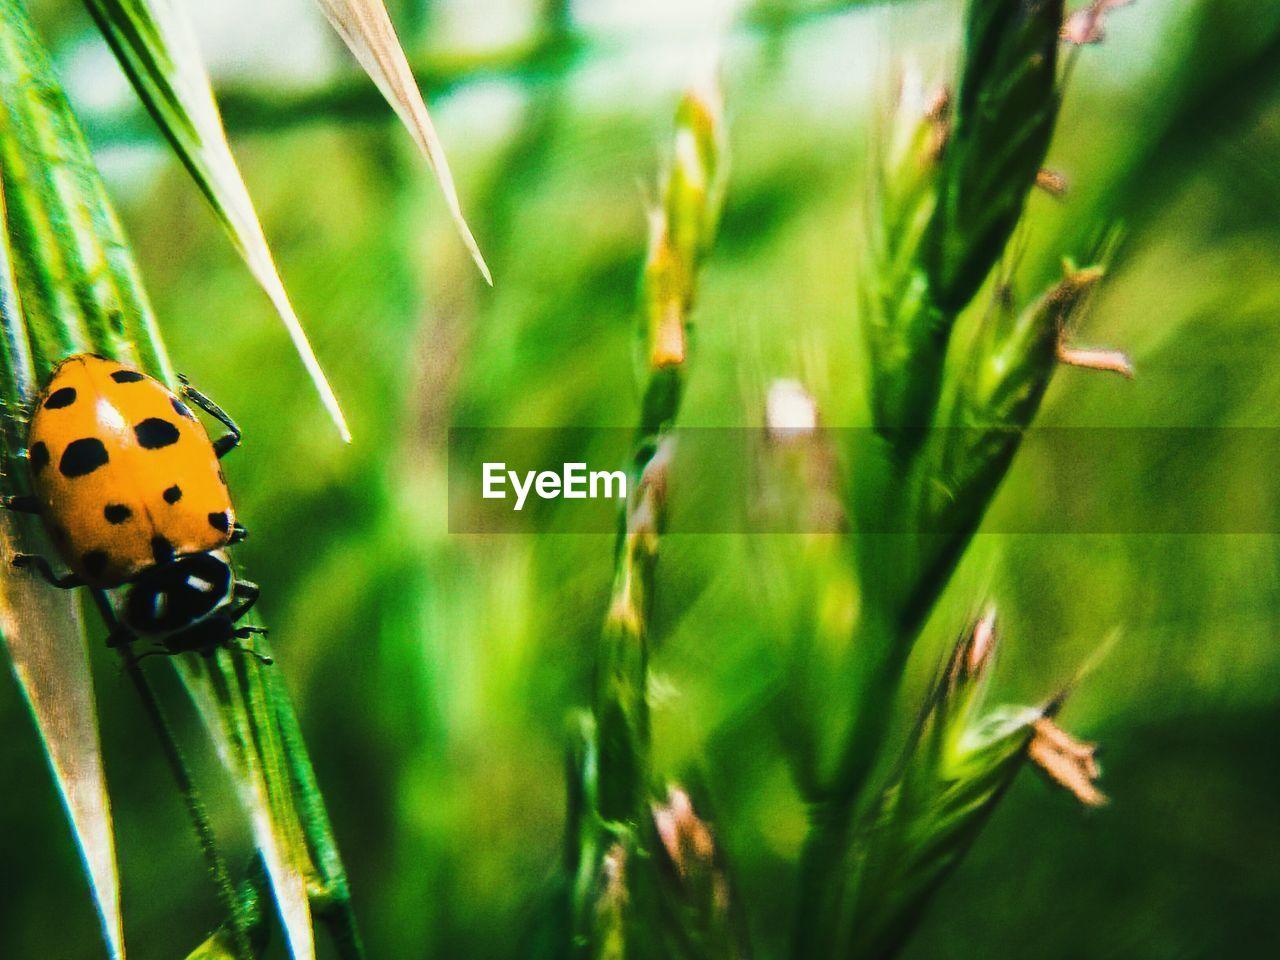 Close-up of ladybug on green plant